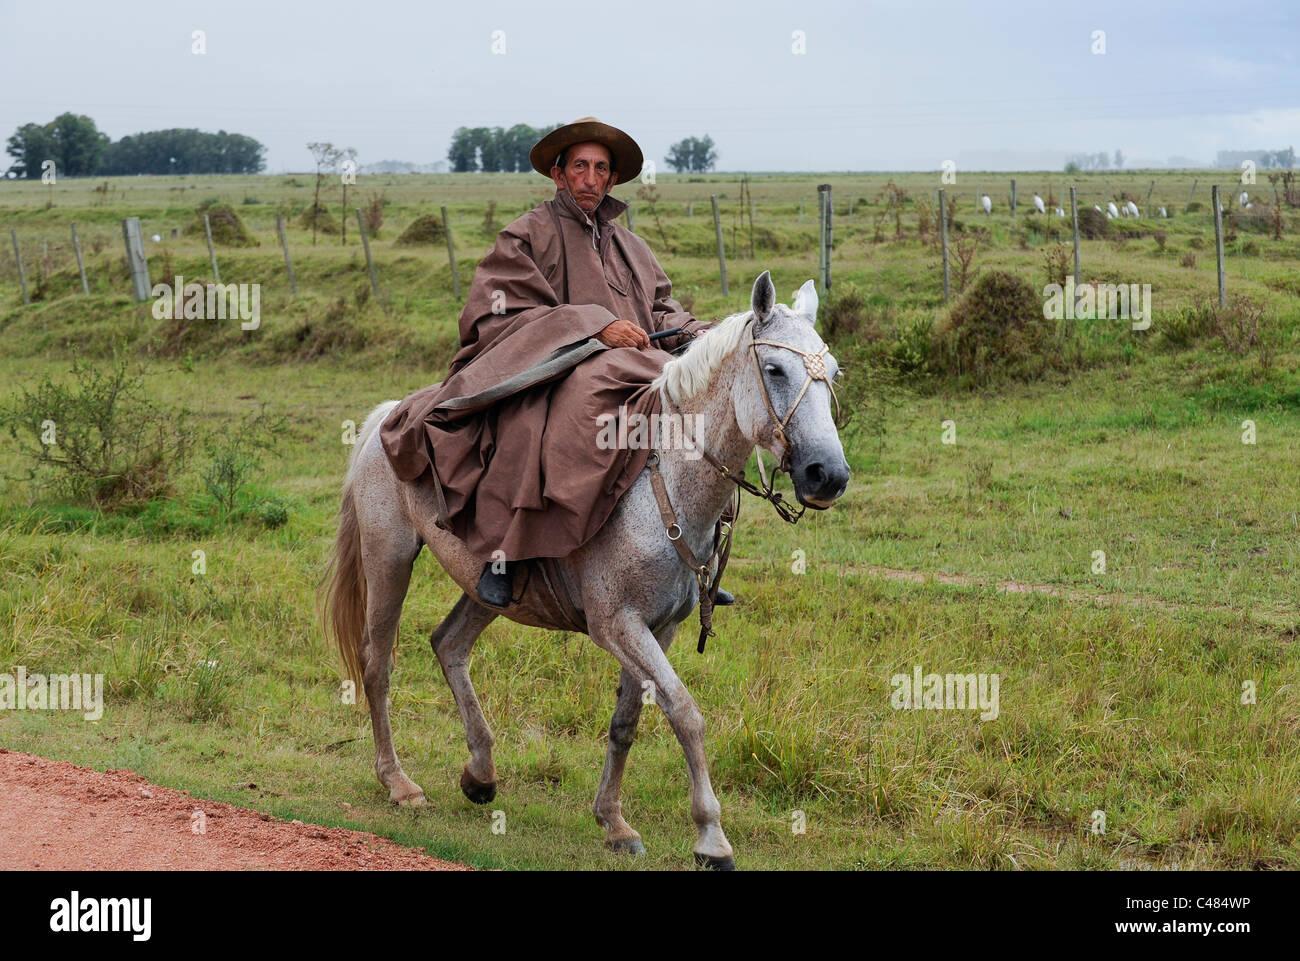 URUGUAY dell agricoltura e dell allevamento , Gauchos con cavalli e bestiame bovino su praterie Immagini Stock